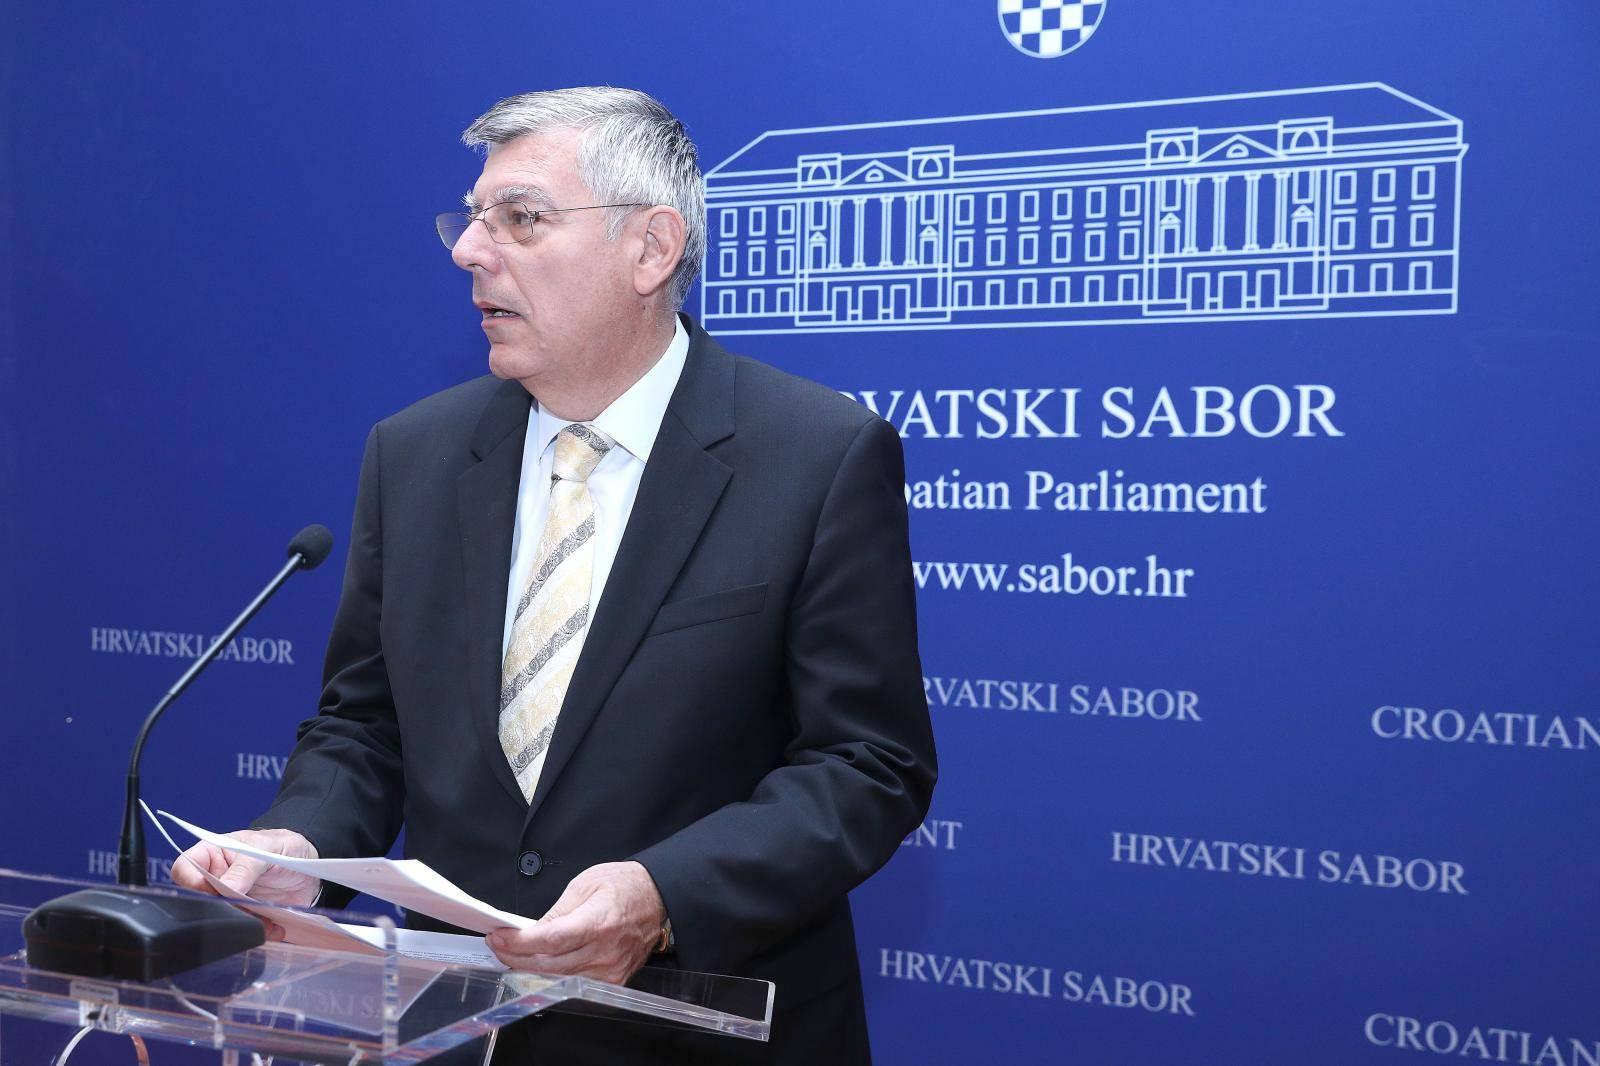 Klub zastupnika HDZ-a o prijedlogu zakona o blagdanima, spomendanima i neradnim danima